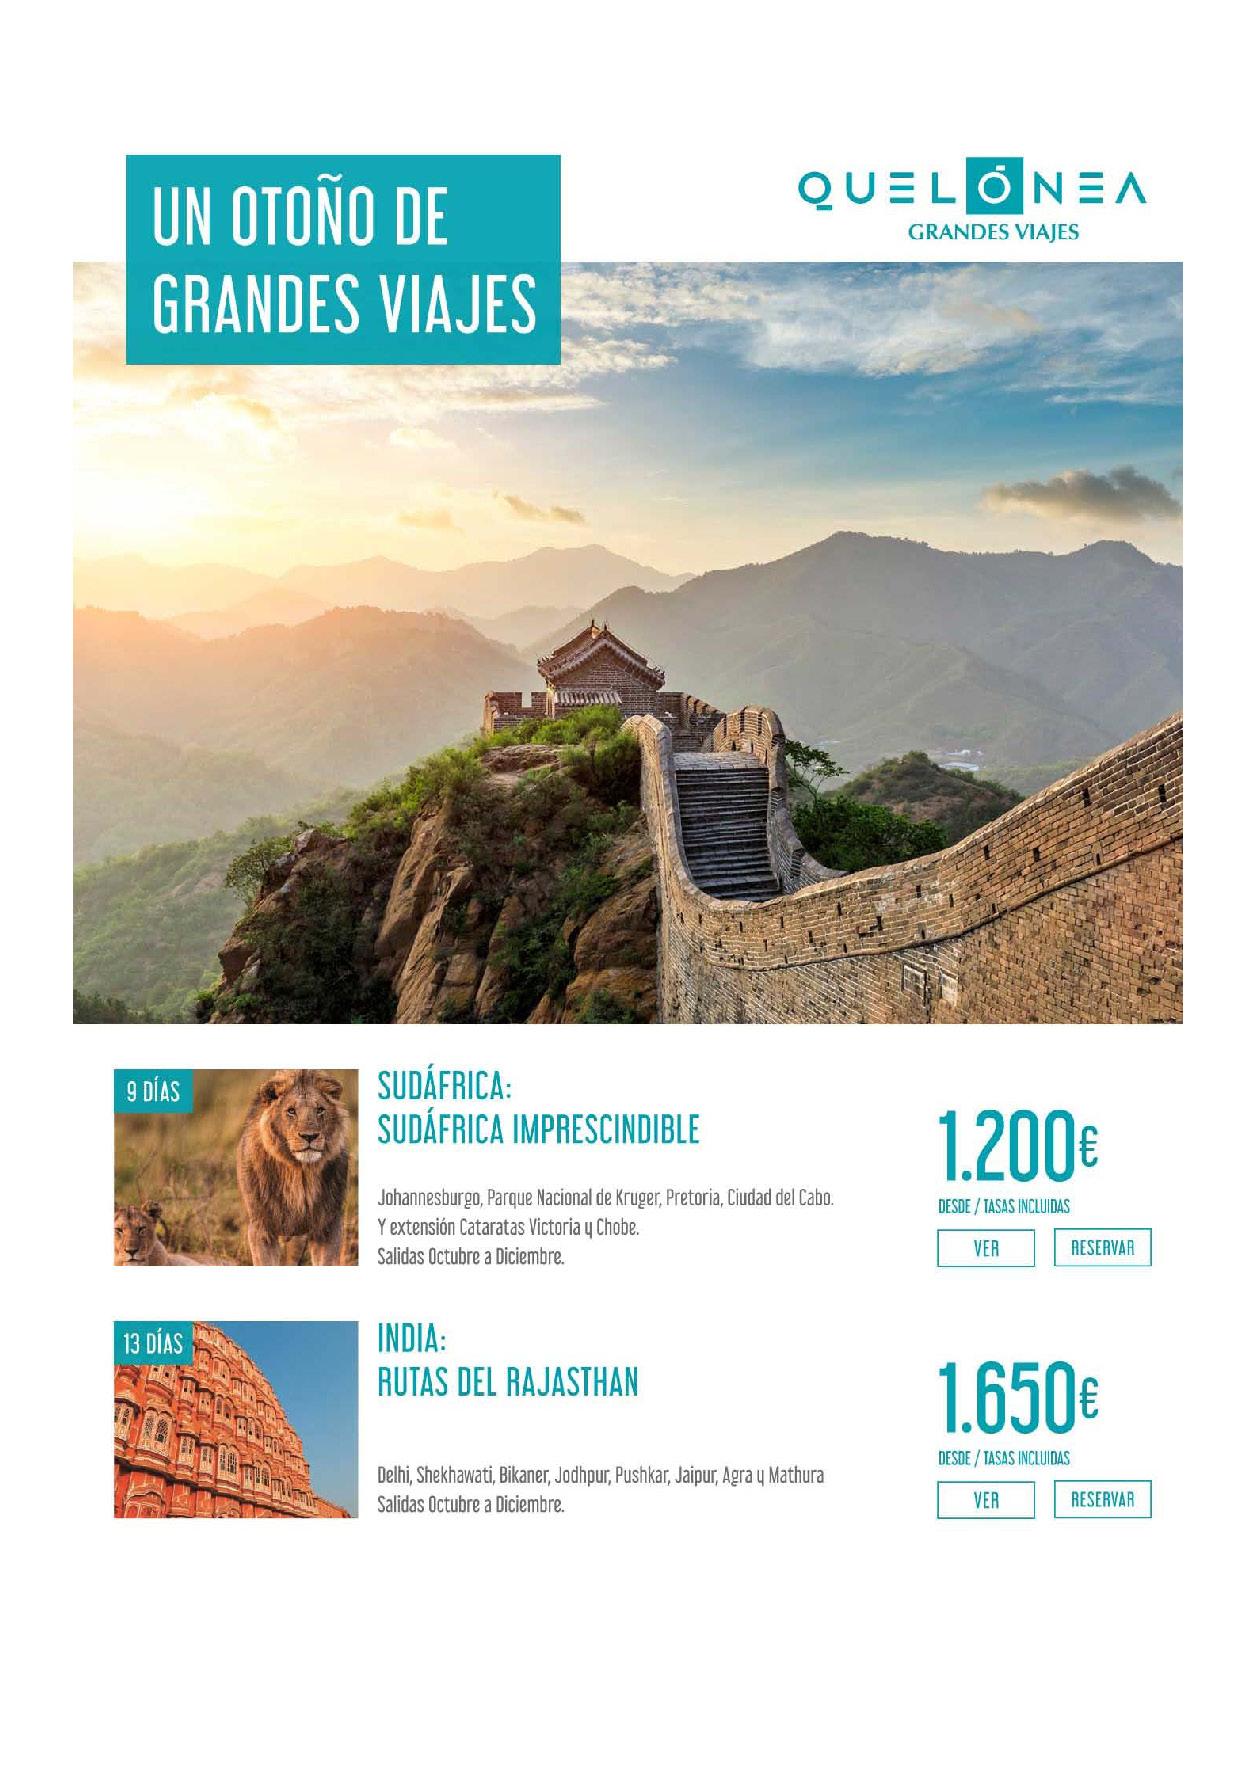 Ofertas Quelonea Grandes Viajes Invierno 2019-2020